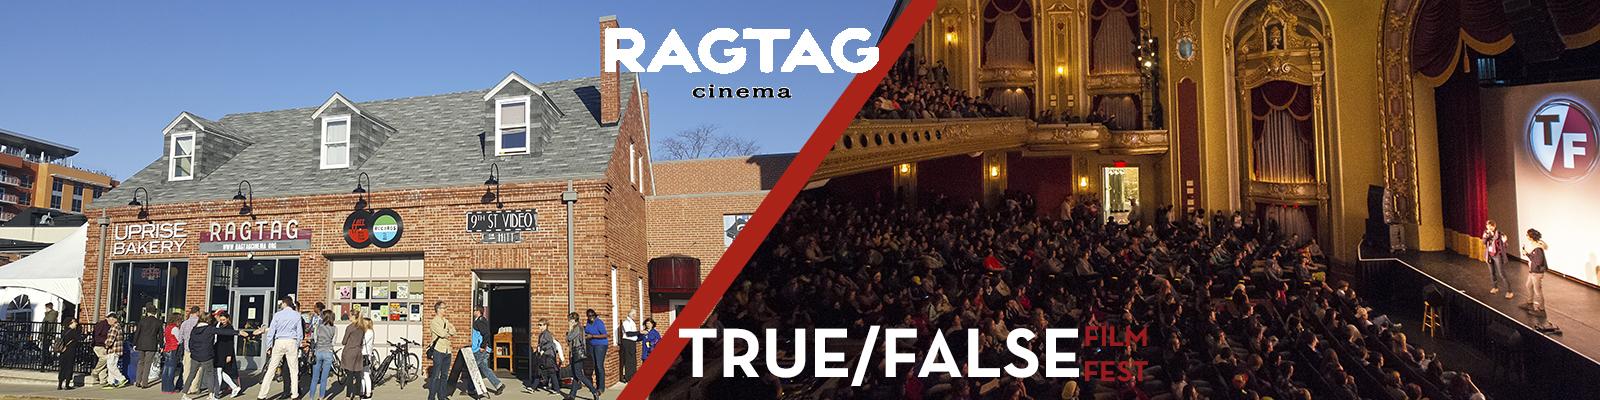 Ragtag Film Society: Ragtag Cinema & True/False Film Fest